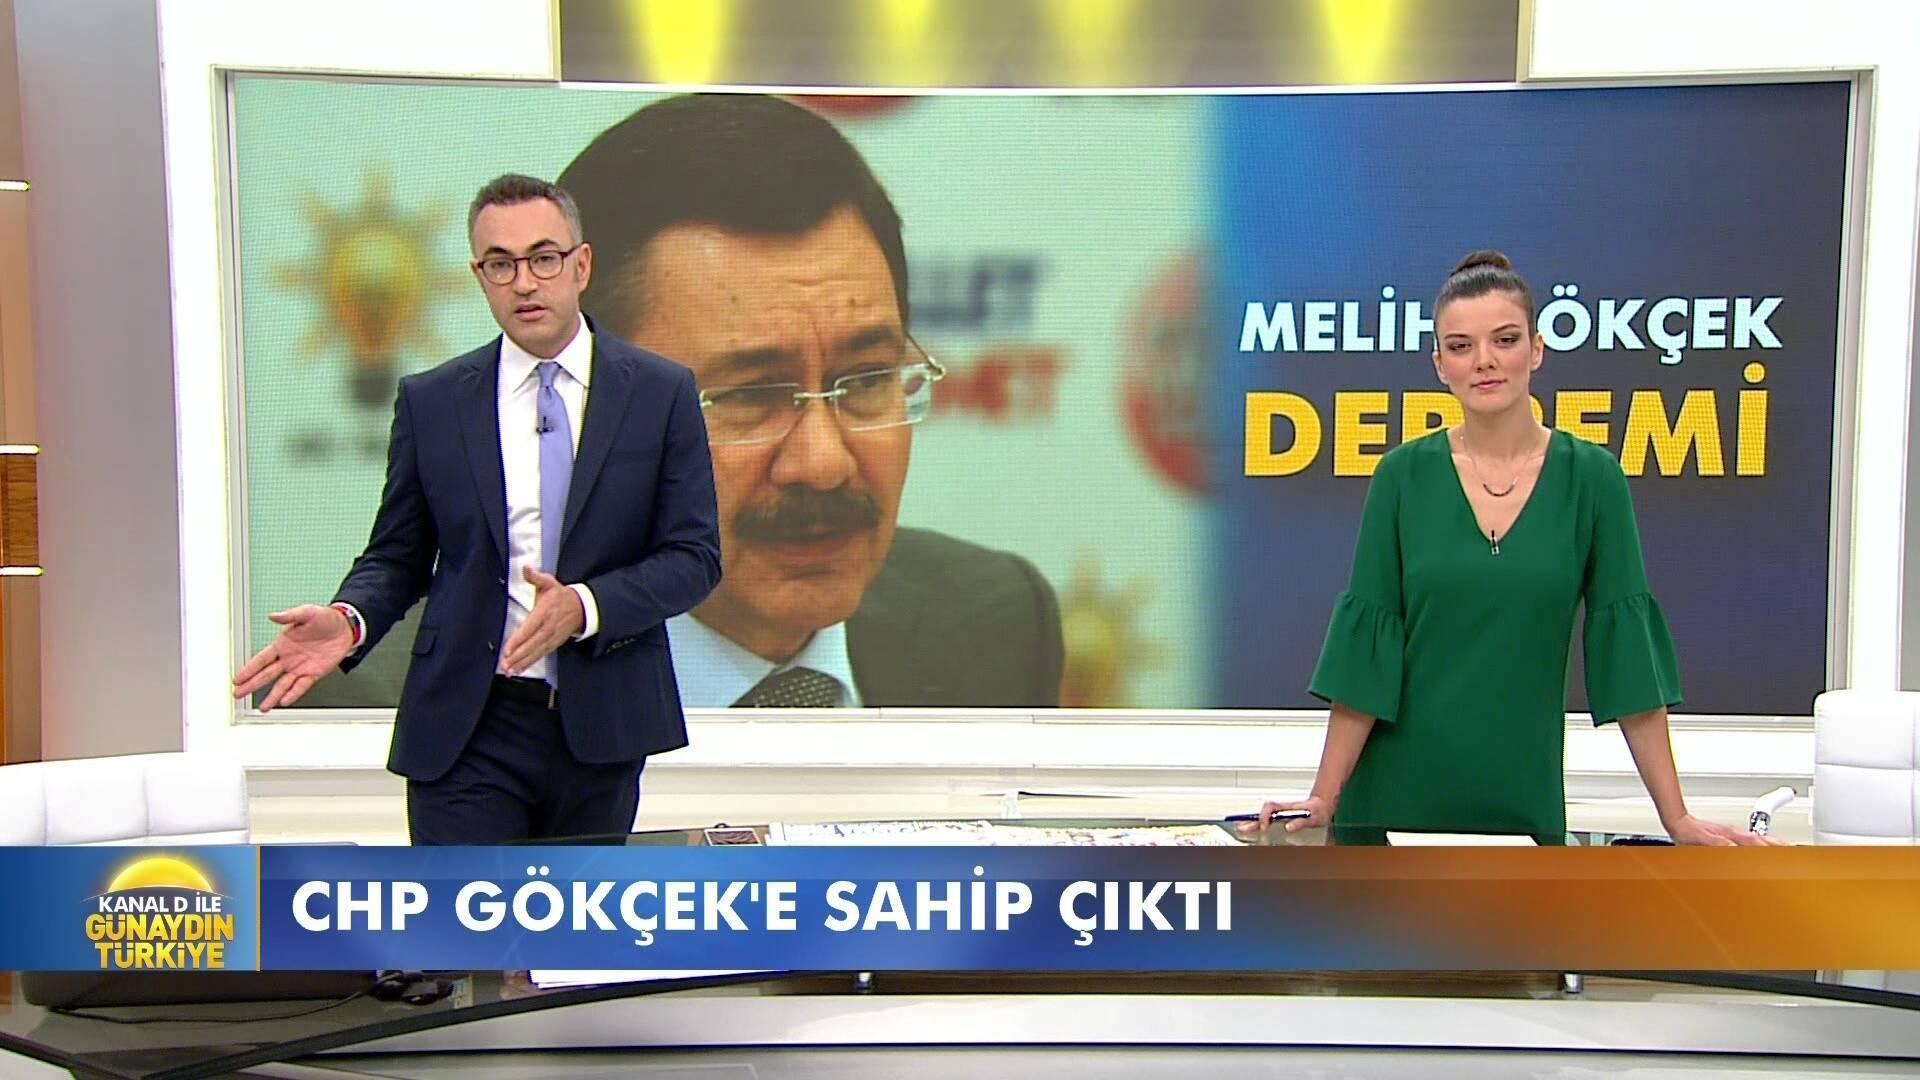 Kanal D ile Günaydın Türkiye - 05.10.2017